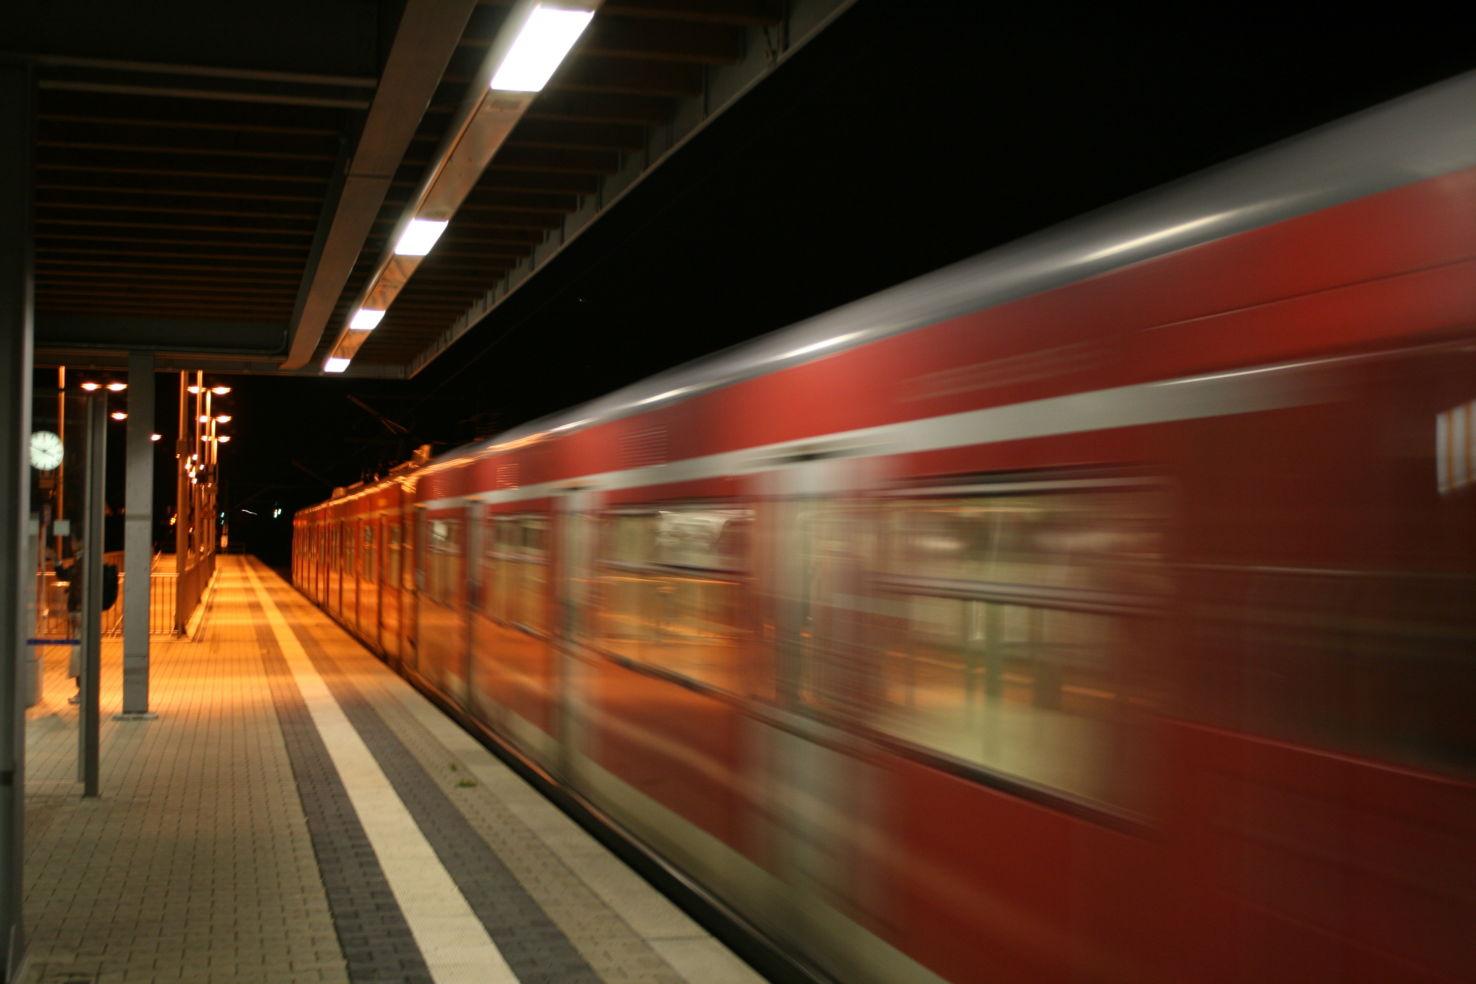 Night train to frankfurt